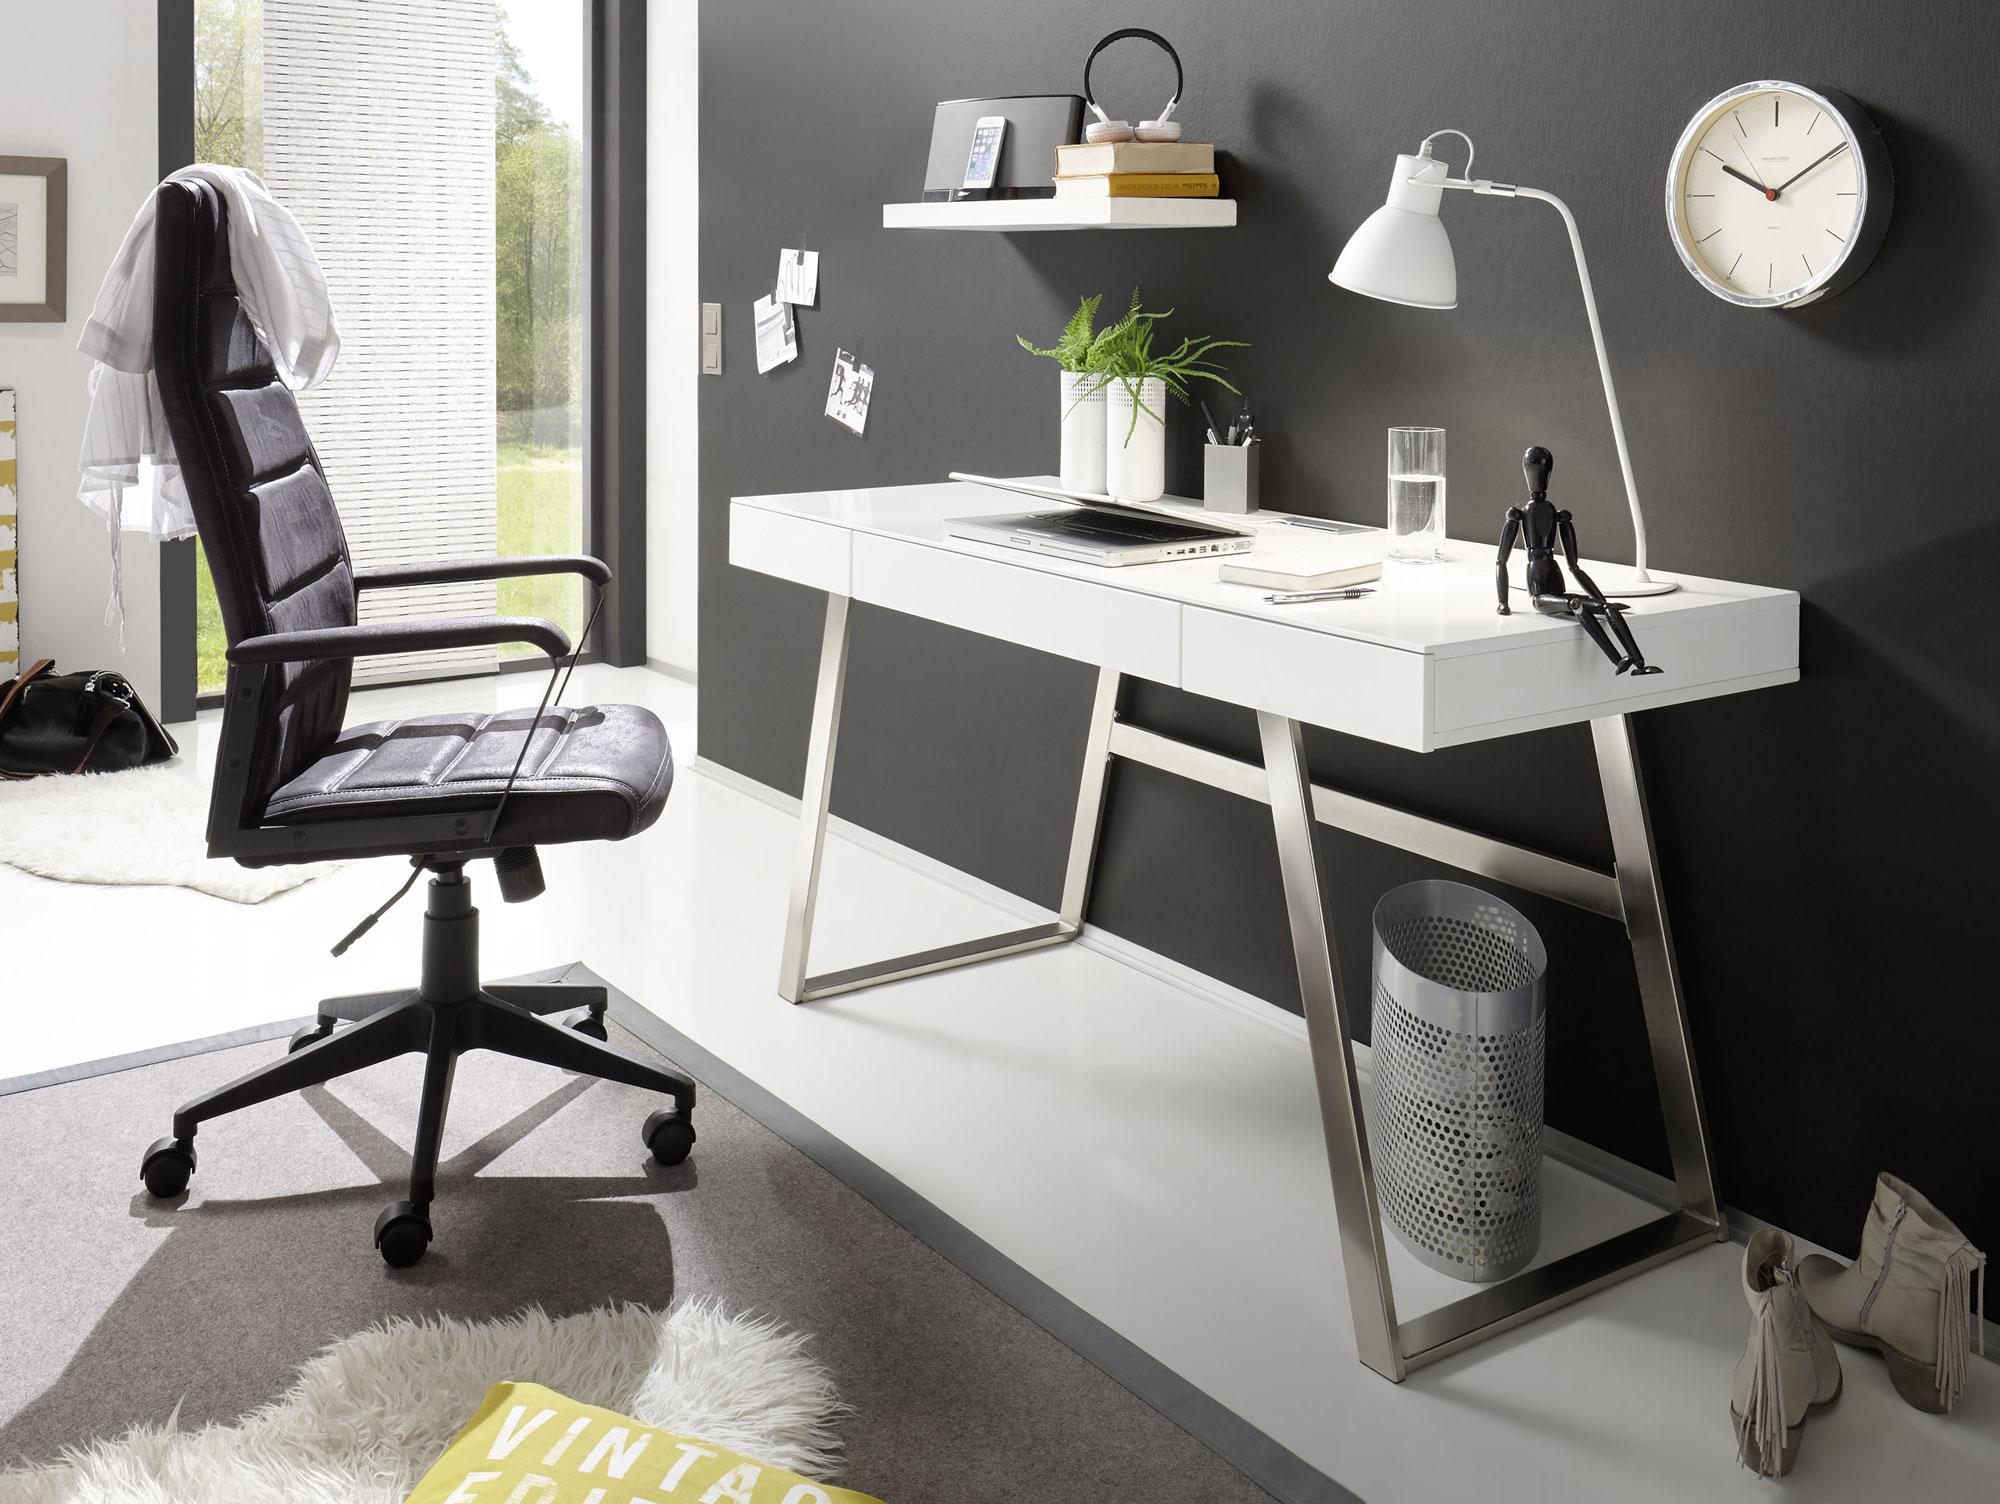 aura schreibtisch wei matt. Black Bedroom Furniture Sets. Home Design Ideas